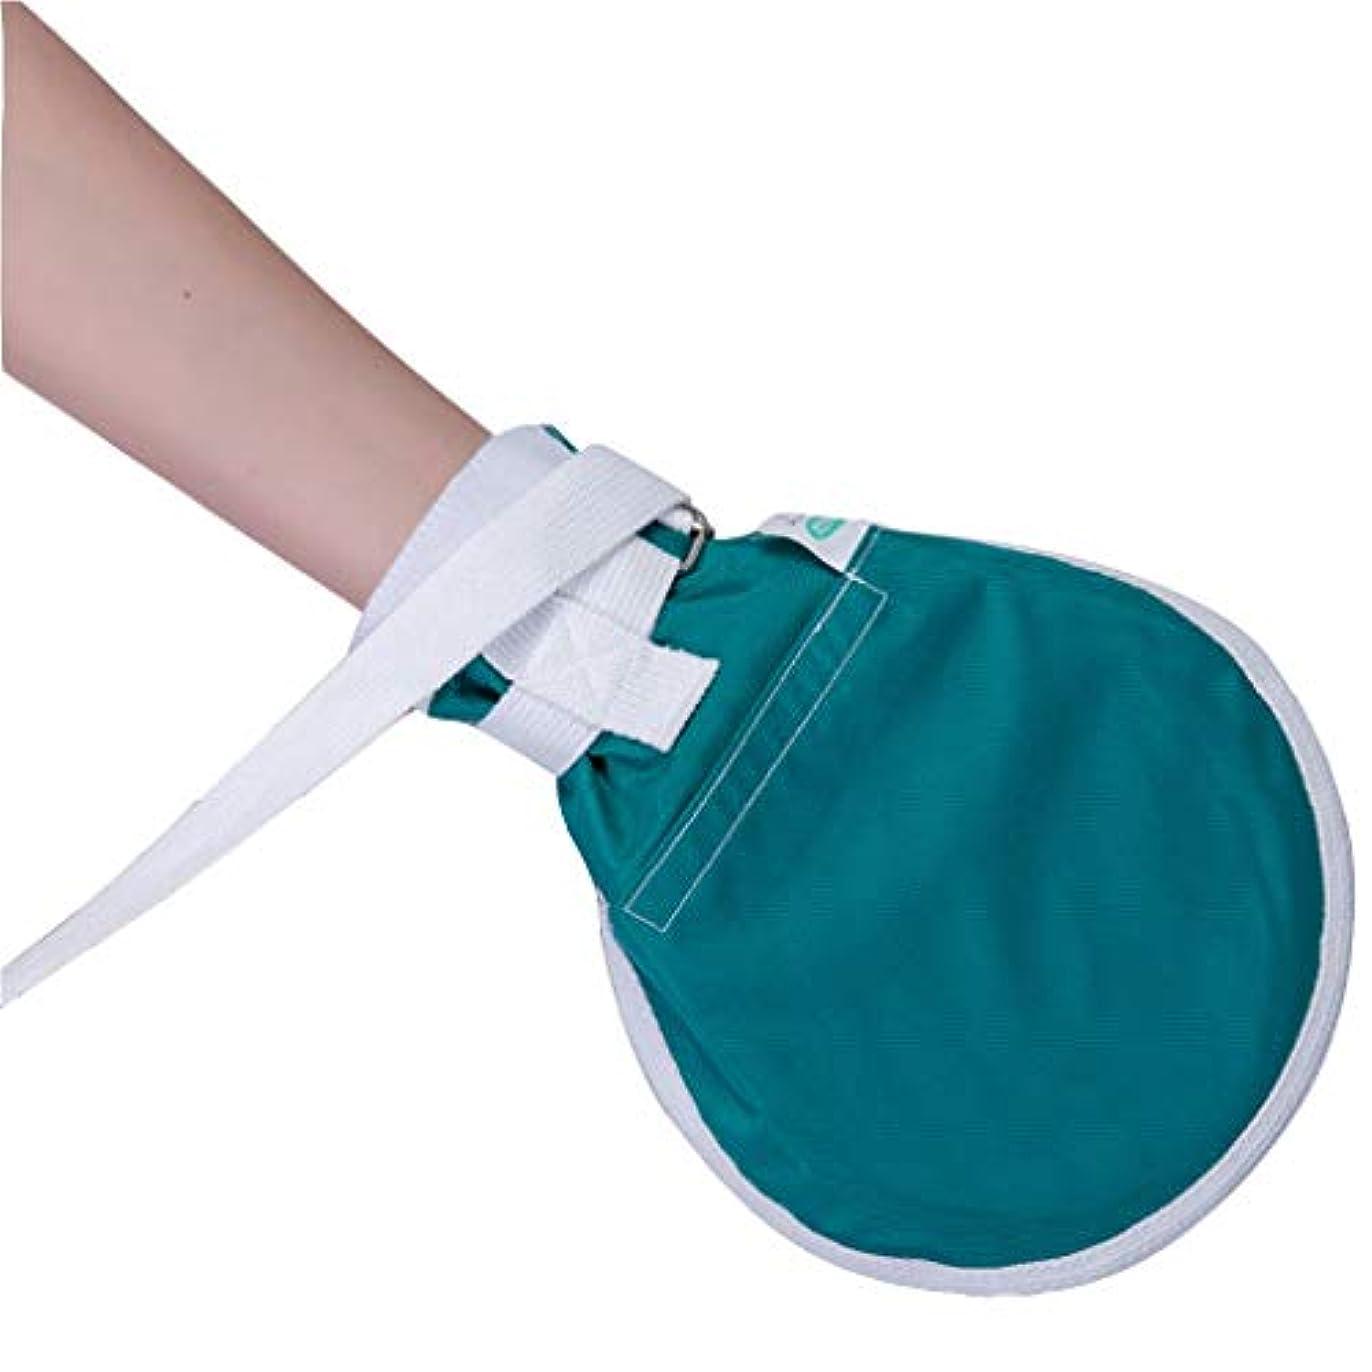 やけど火薬名門医療用拘束手袋 - 予防患者の傷自己牽引式引っ張りチューブ、自己怪我、ベッドレスト